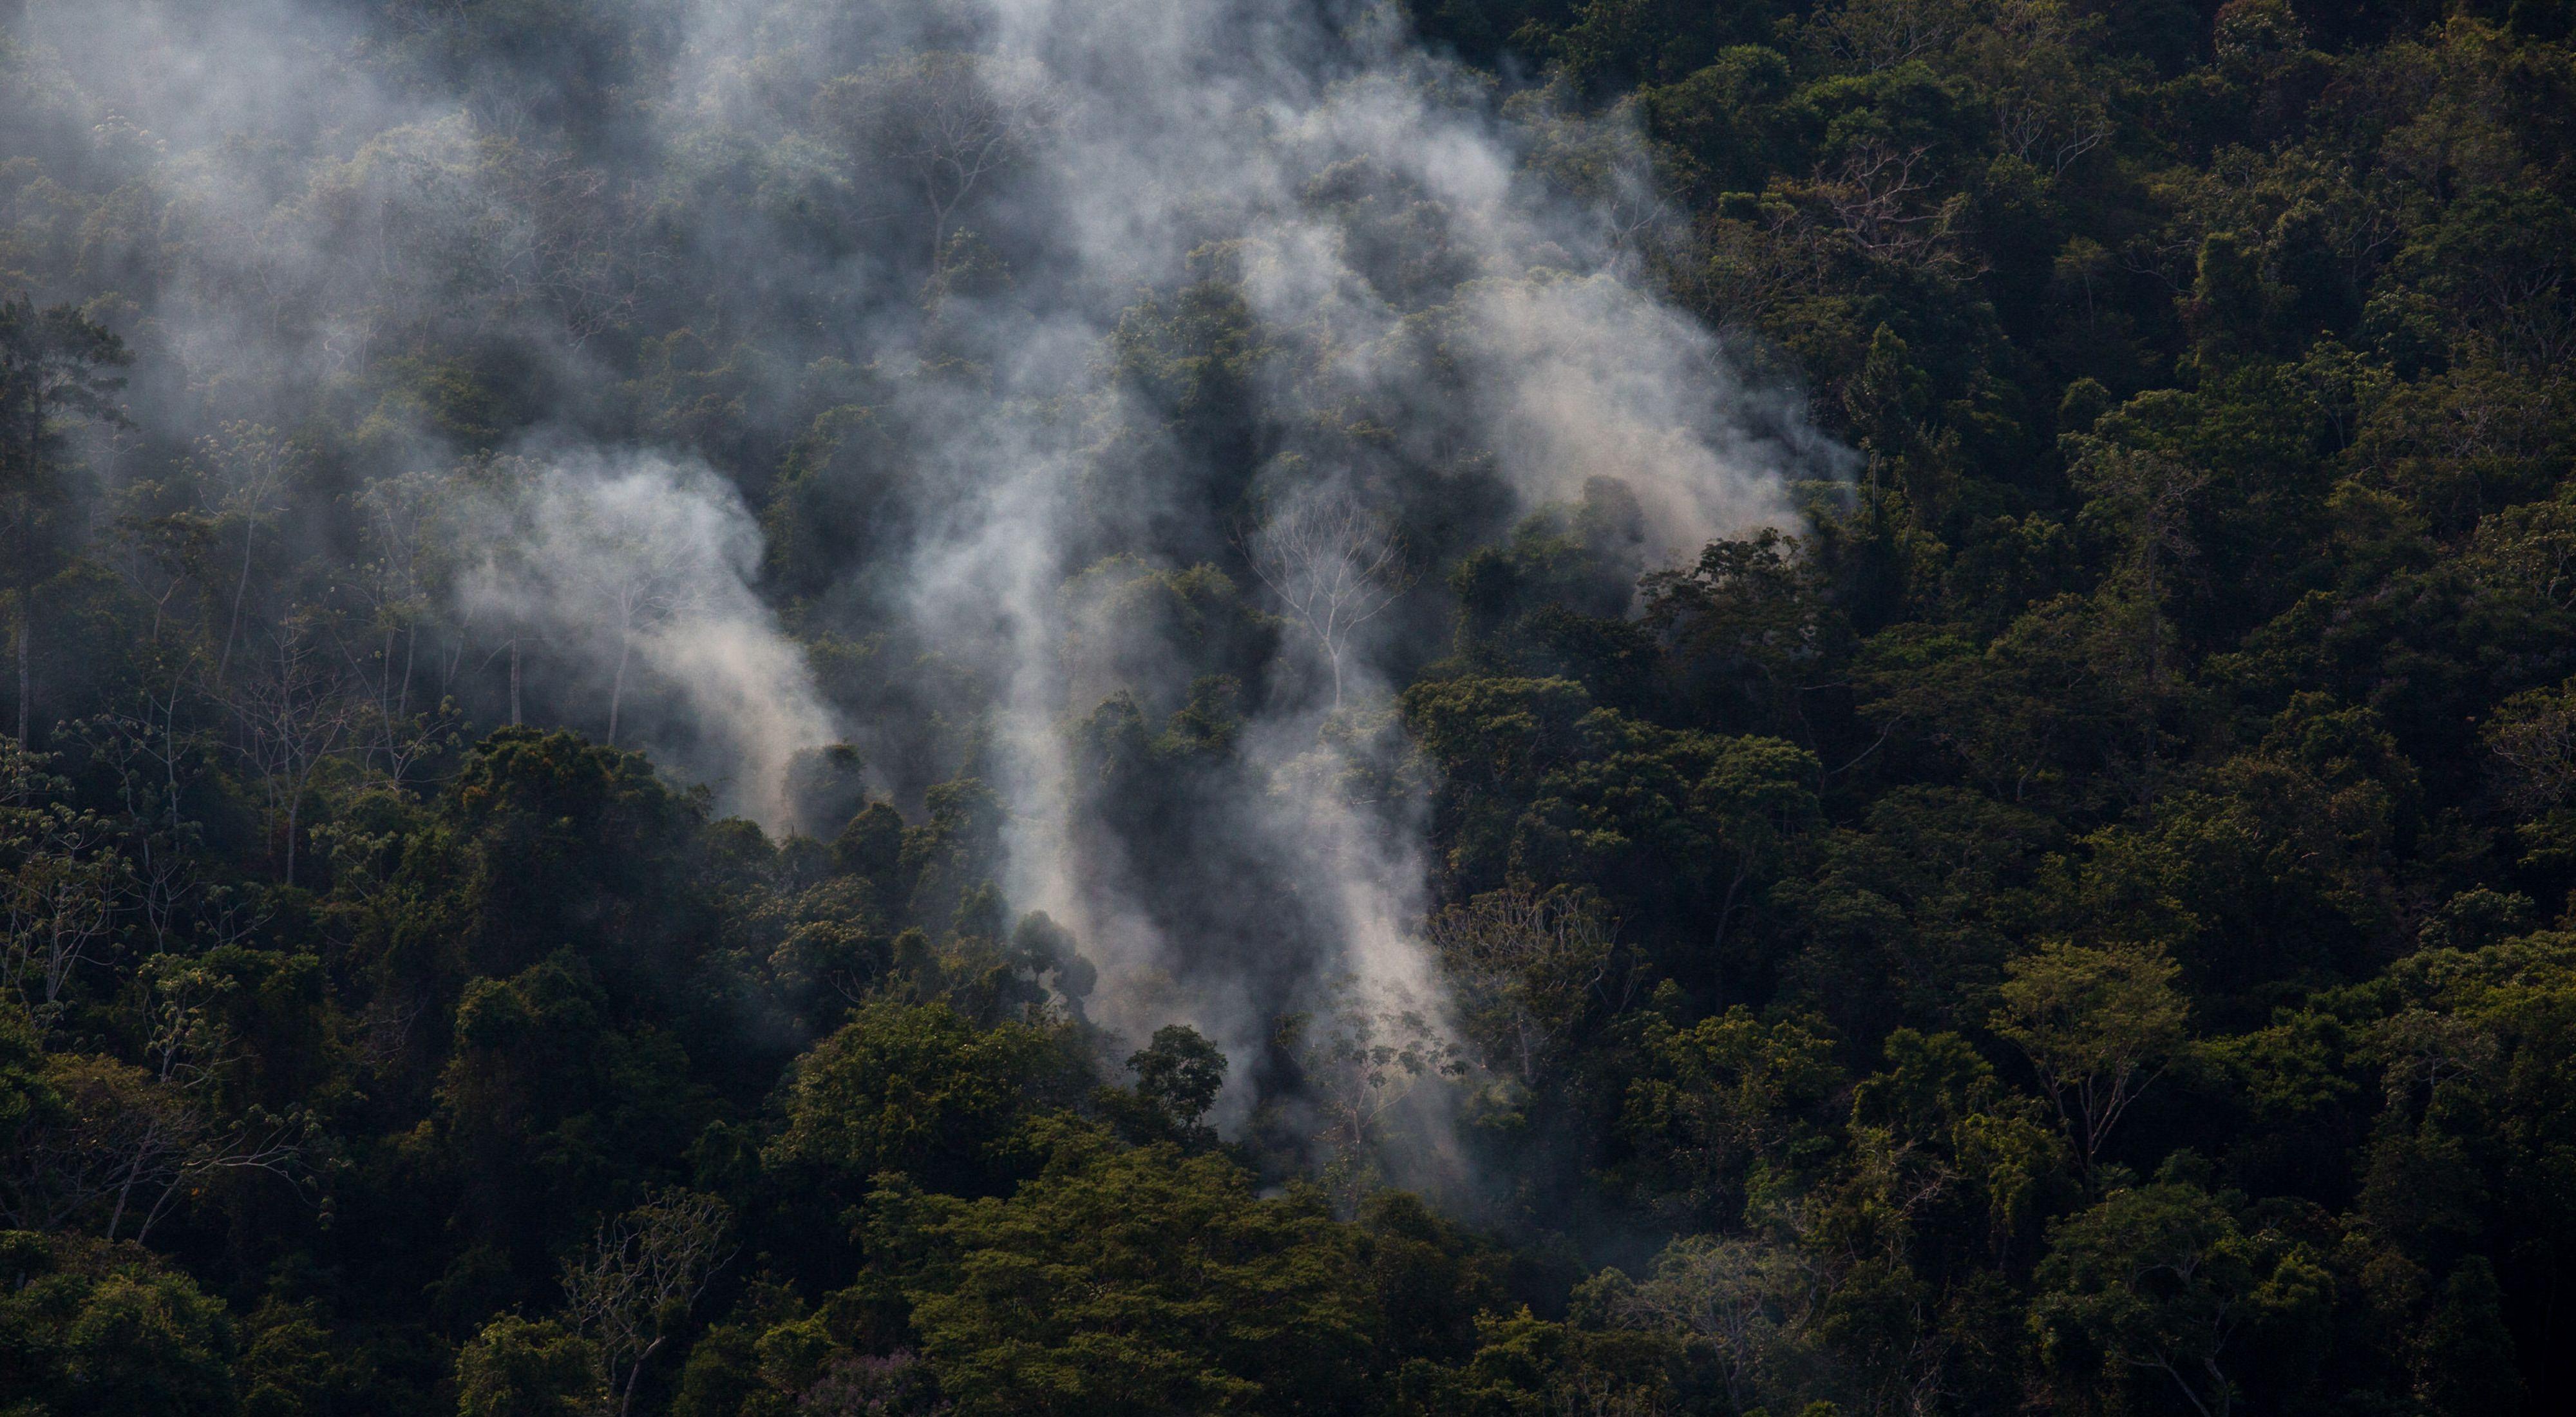 Incêndio em floresta próximo ao Rio Tapajós, em Santarém-PA, no ano de 2017.